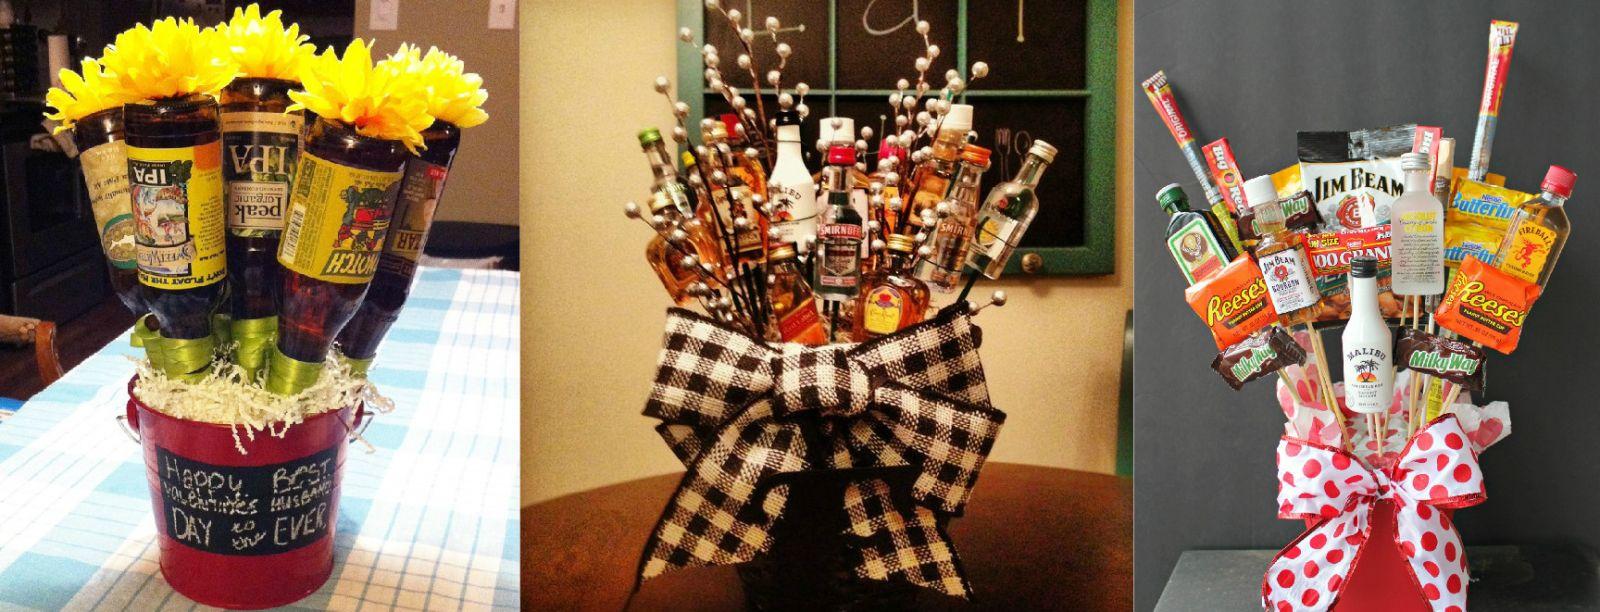 Подарок для мужчины на день рождения из пива